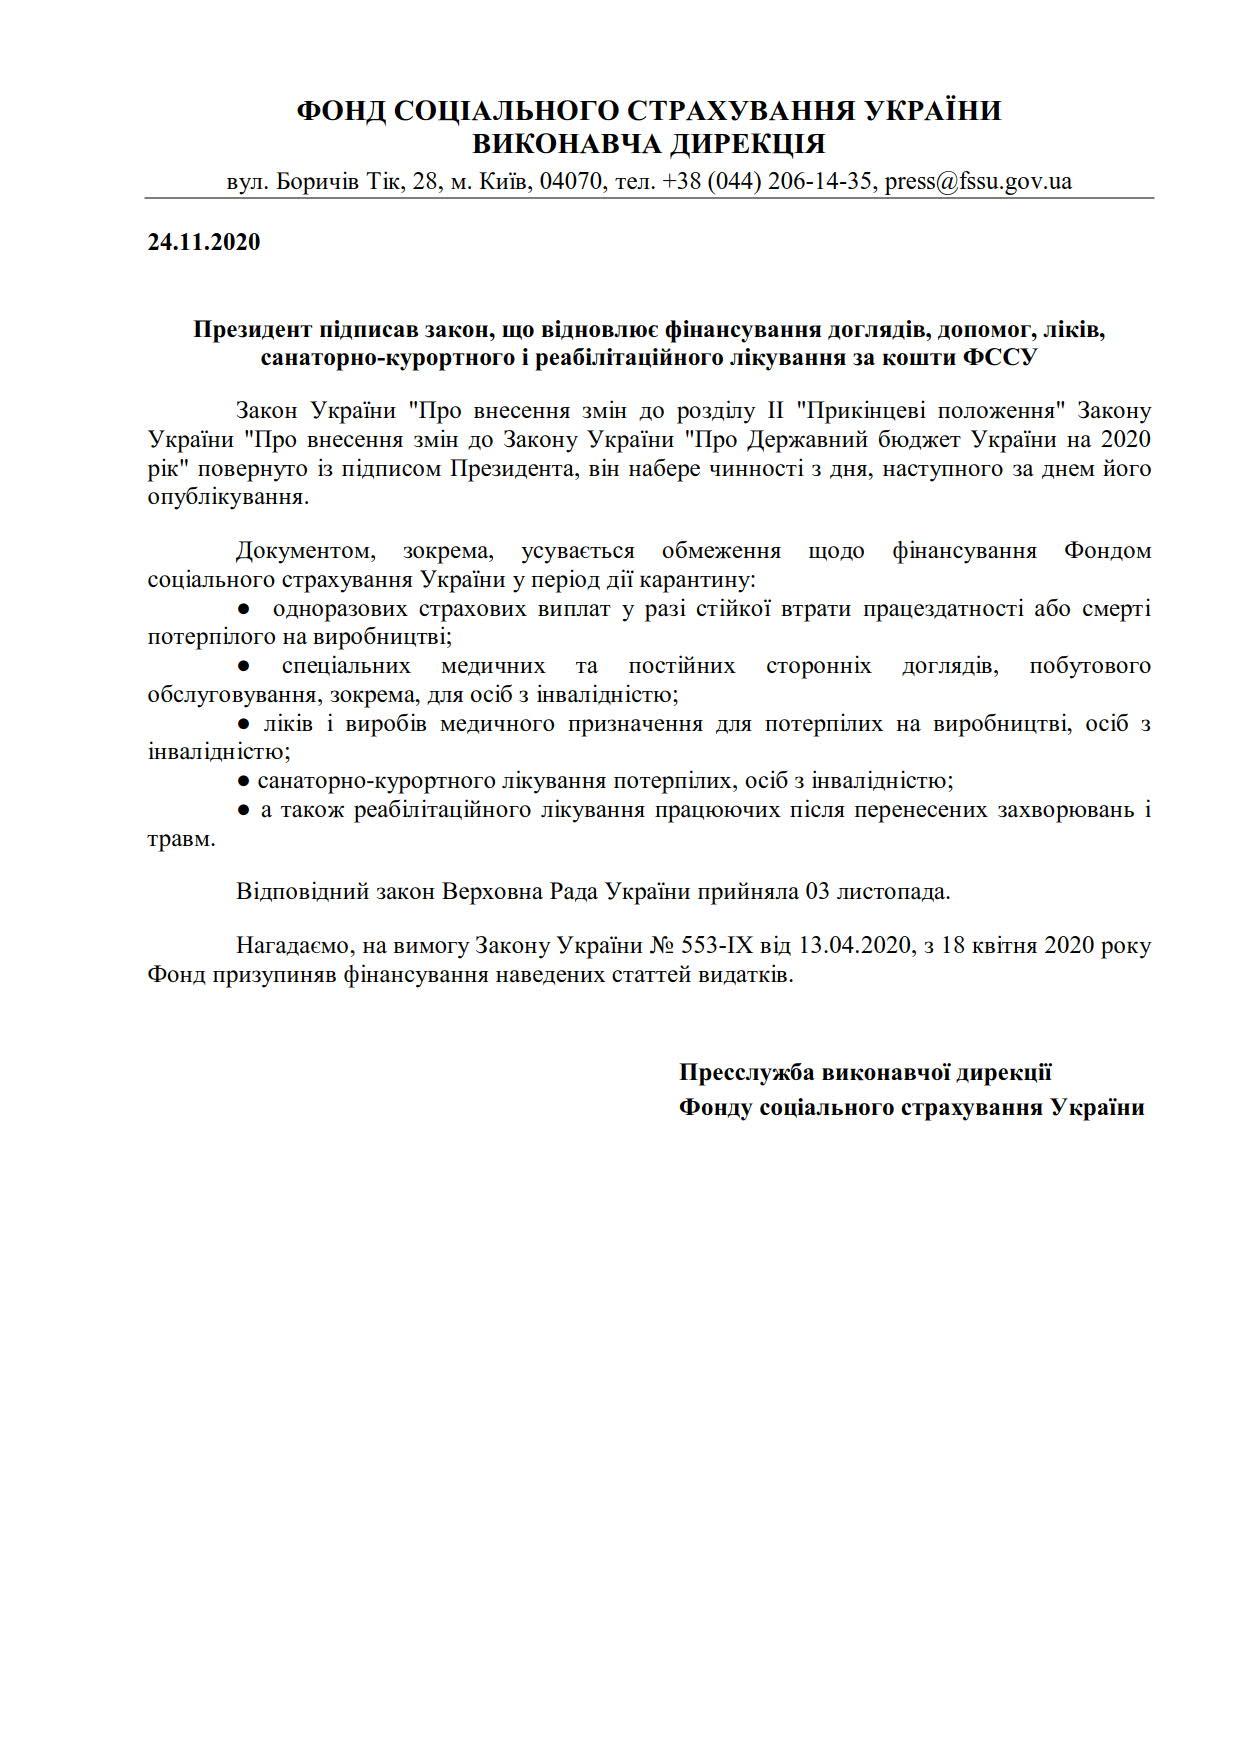 25.11.20ФССУ_Президент підписав закон про відновлення фінансування_1